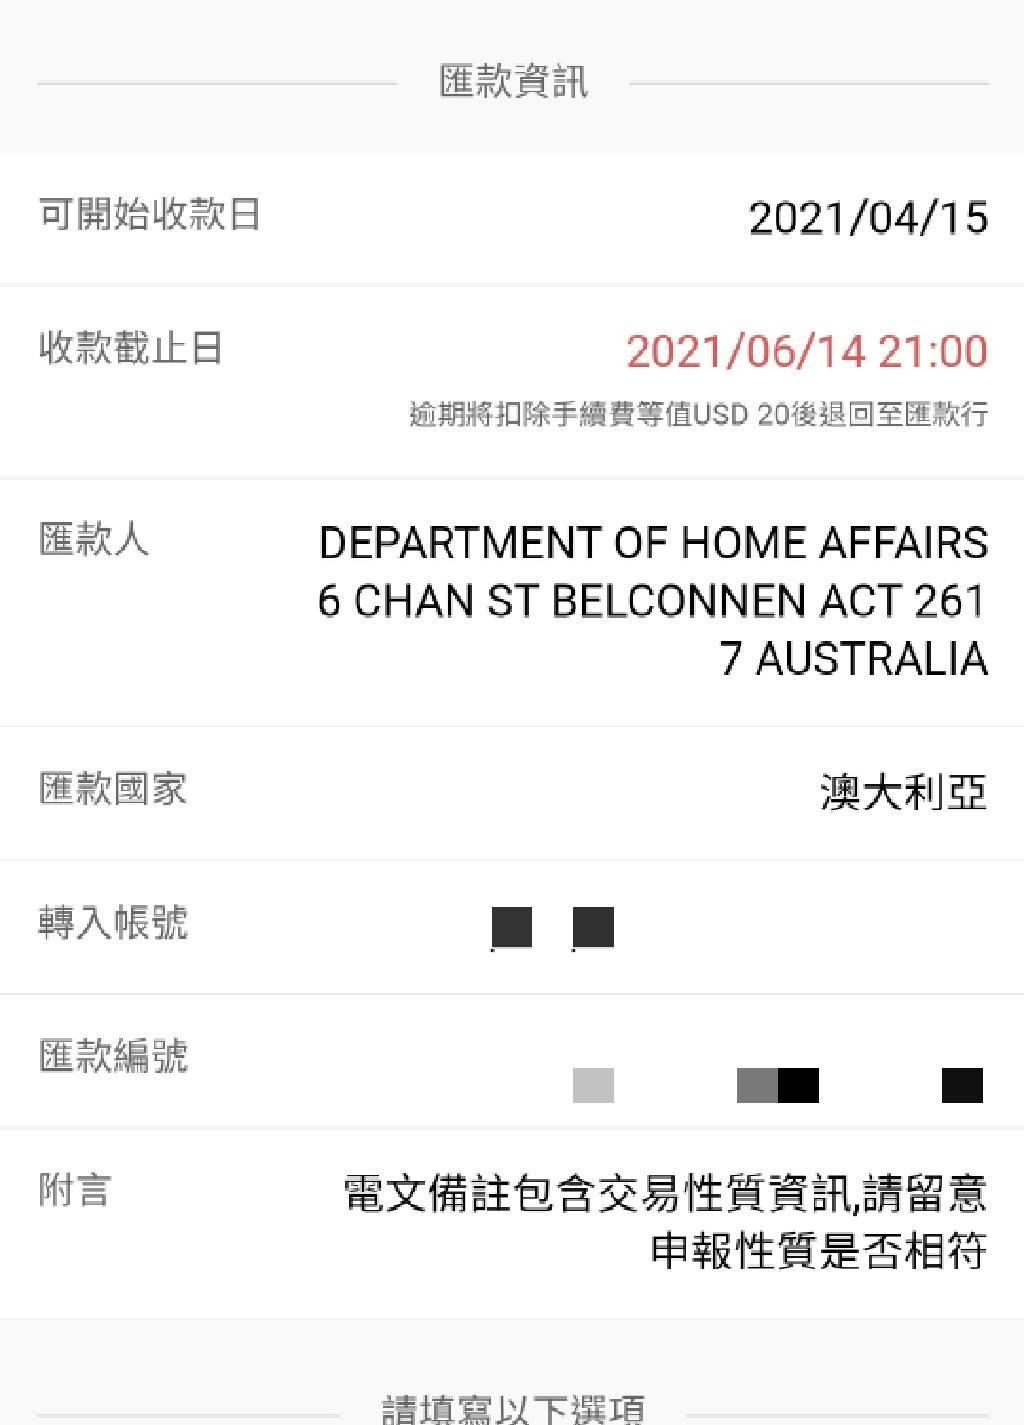 澳洲 打工度假退費2021